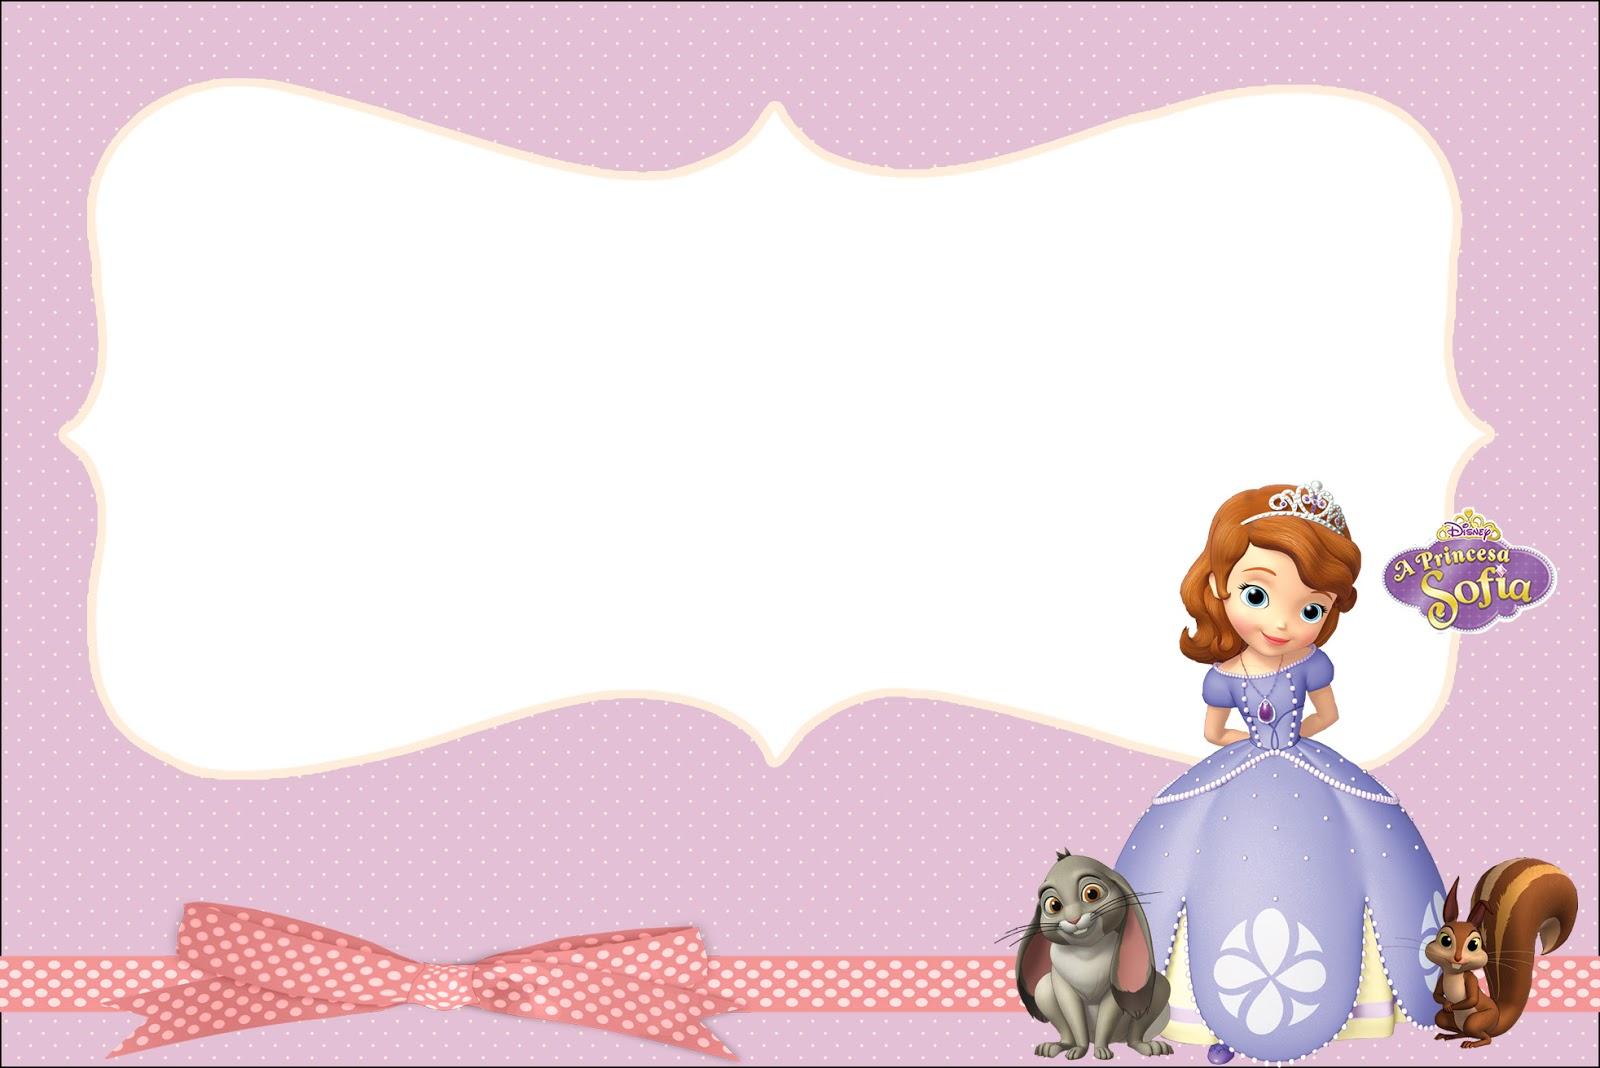 Princesa Sofía Invitaciones Para Imprimir Gratis E Imágenes